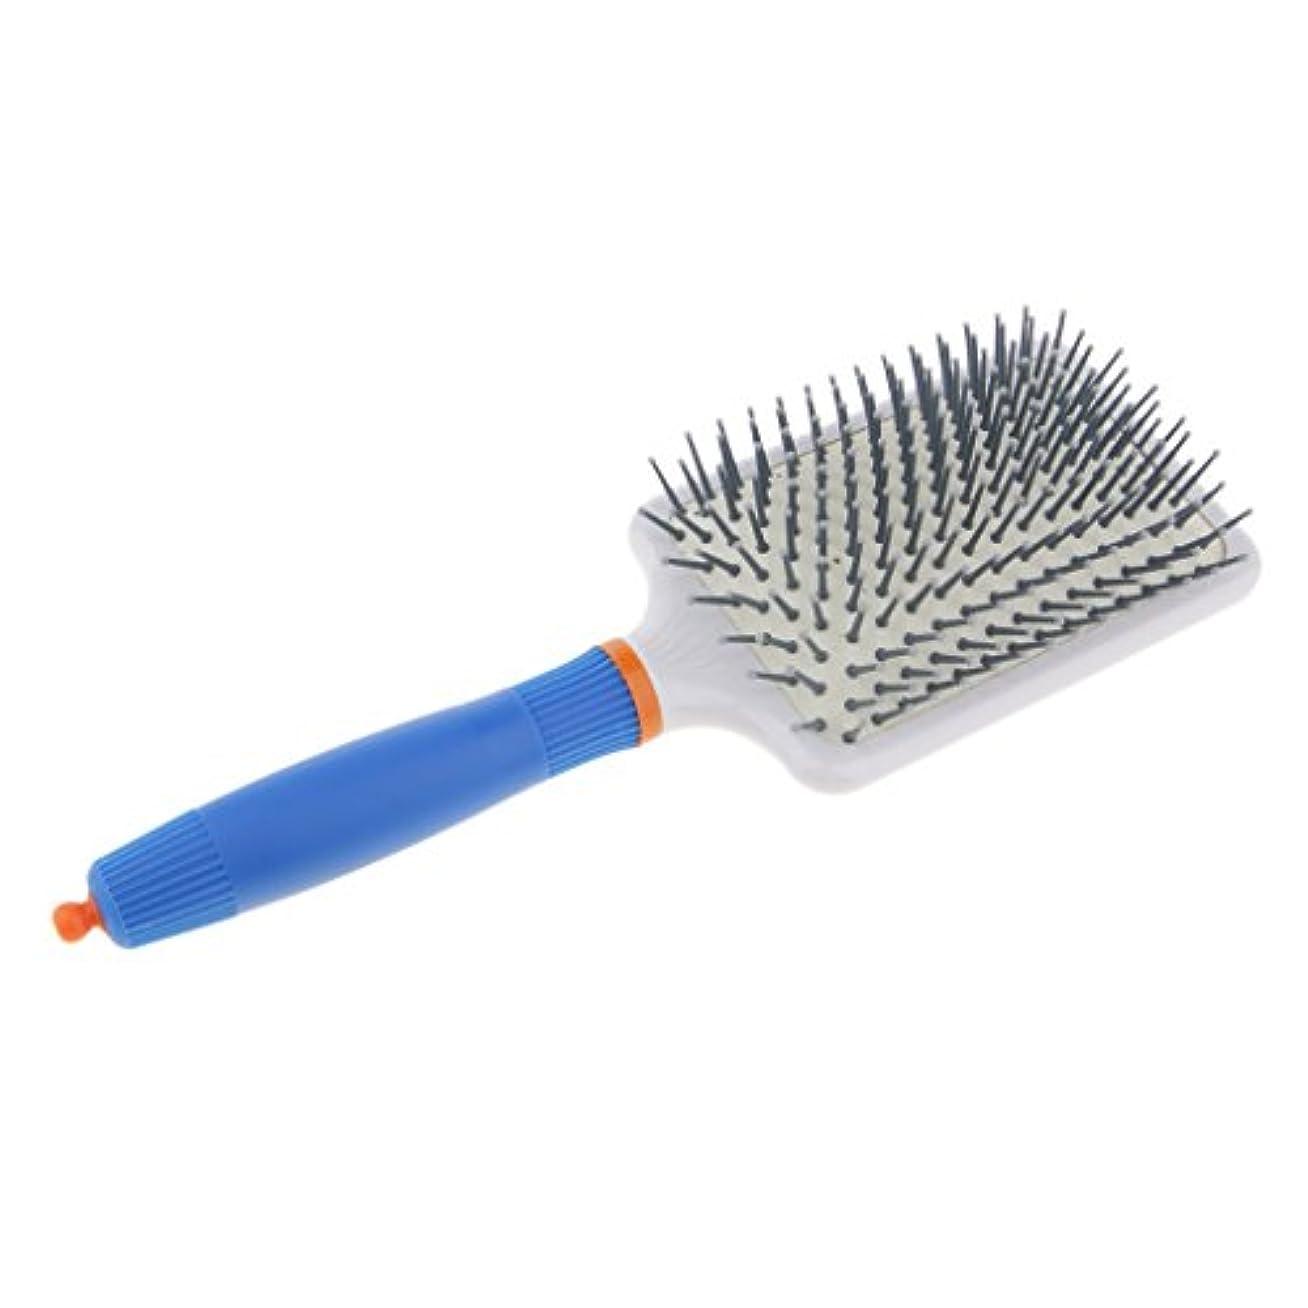 東部虐殺膨張するヘアブラシ くし エアバッグ 静電気防止 頭皮マッサージ 櫛 ヘアコーム 全2色 - ダークブルー